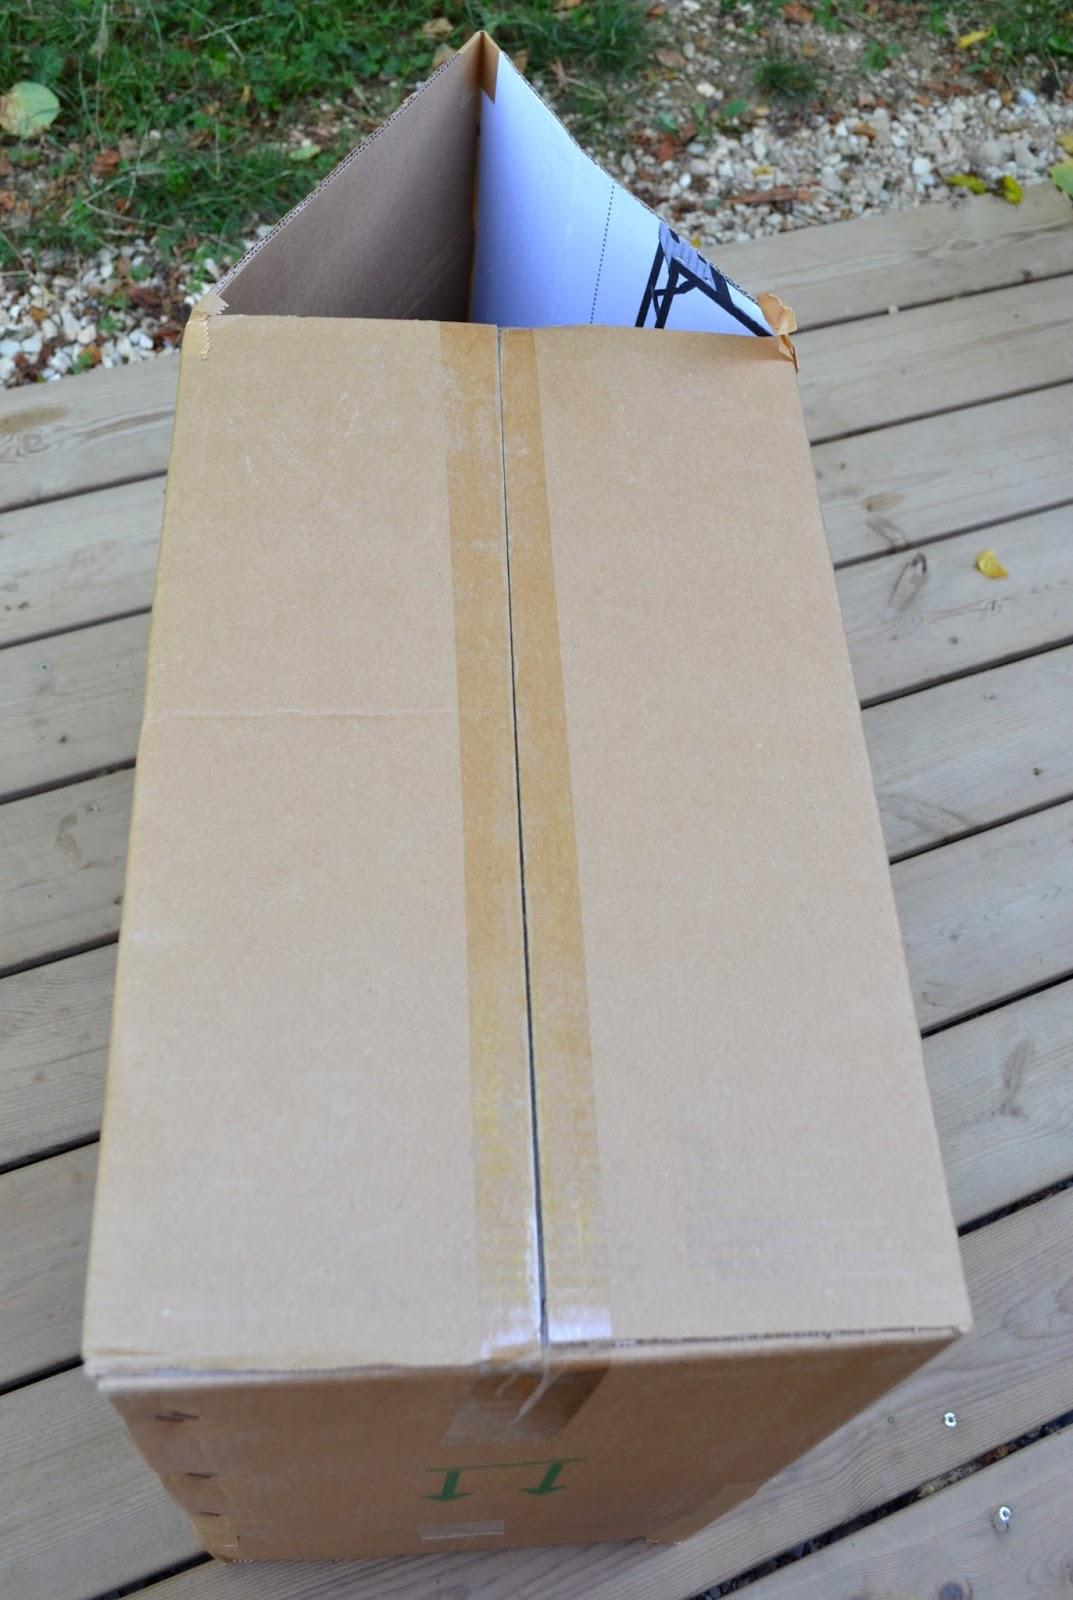 cabane en carton pour enfant maison maison maison with cabane en carton pour enfant amazing. Black Bedroom Furniture Sets. Home Design Ideas